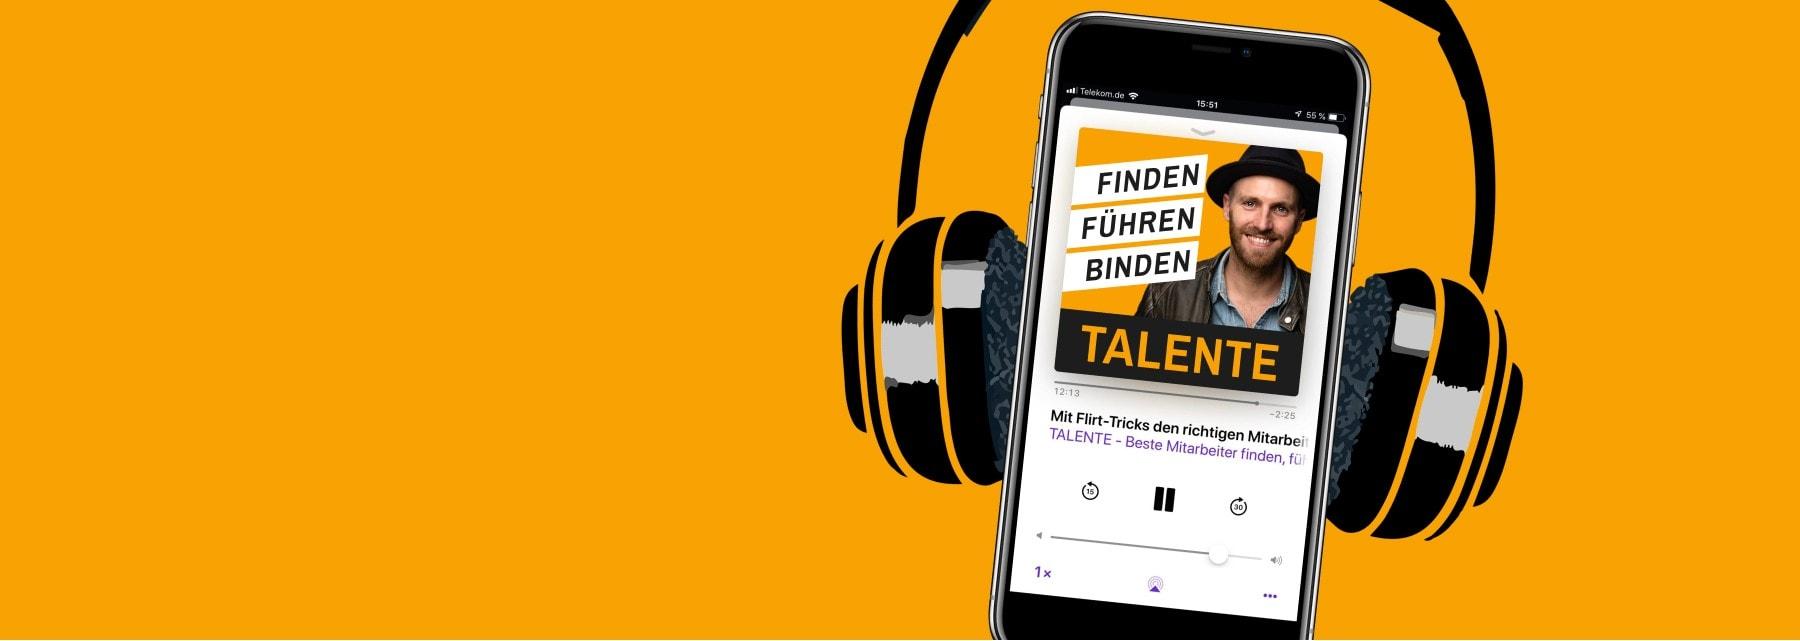 Talente Podcast für Unternehmer, Gründer zu Recruiting, Führung, Management, Startups von Michael Asshauer